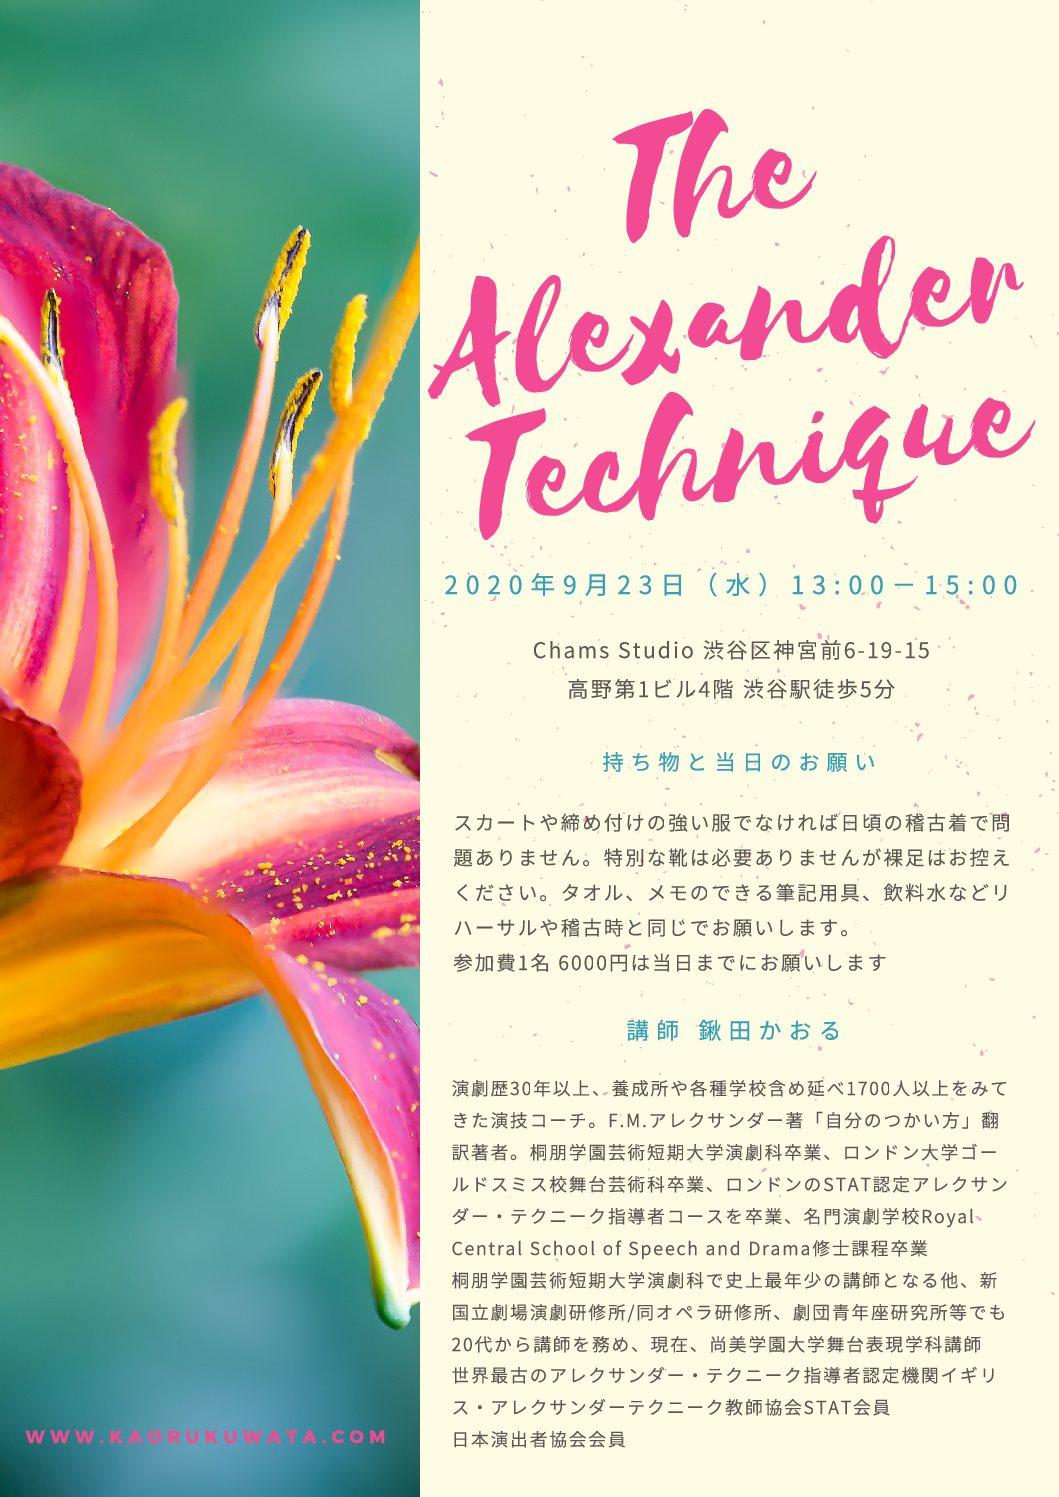 少人数で始める9月アレクサンダー・テクニーク入門1日限定